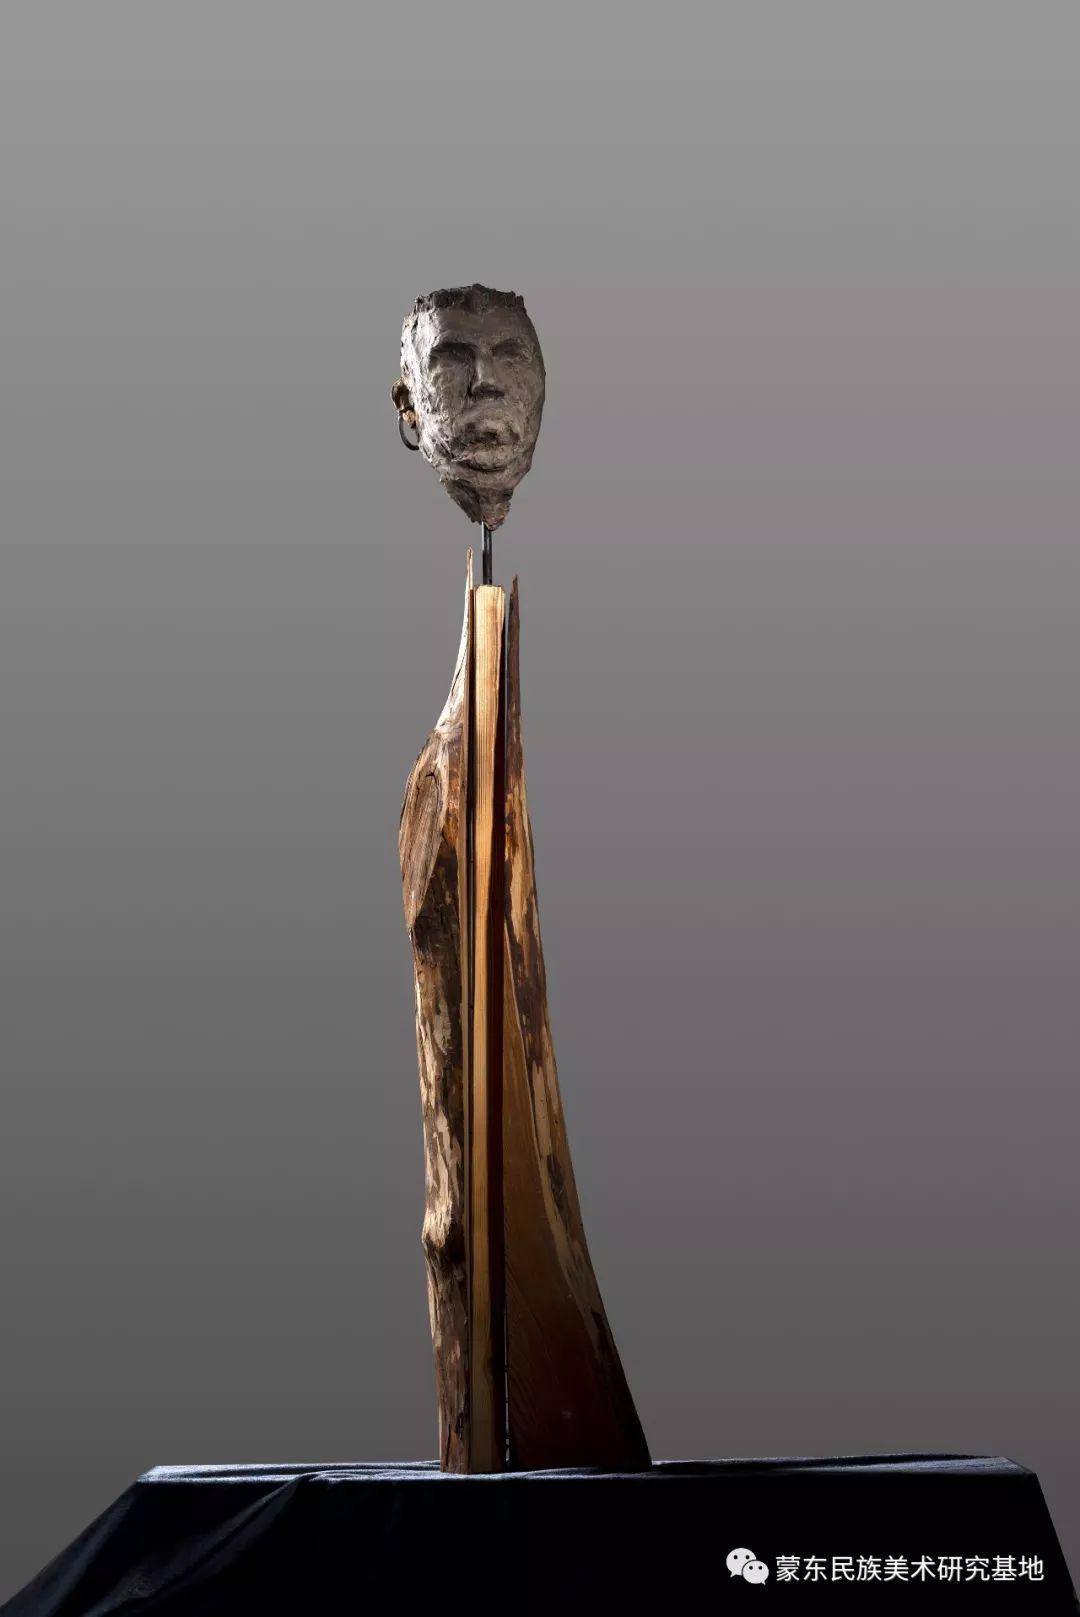 包格日乐吐作品——头像雕塑系列(二) 第5张 包格日乐吐作品——头像雕塑系列(二) 蒙古画廊